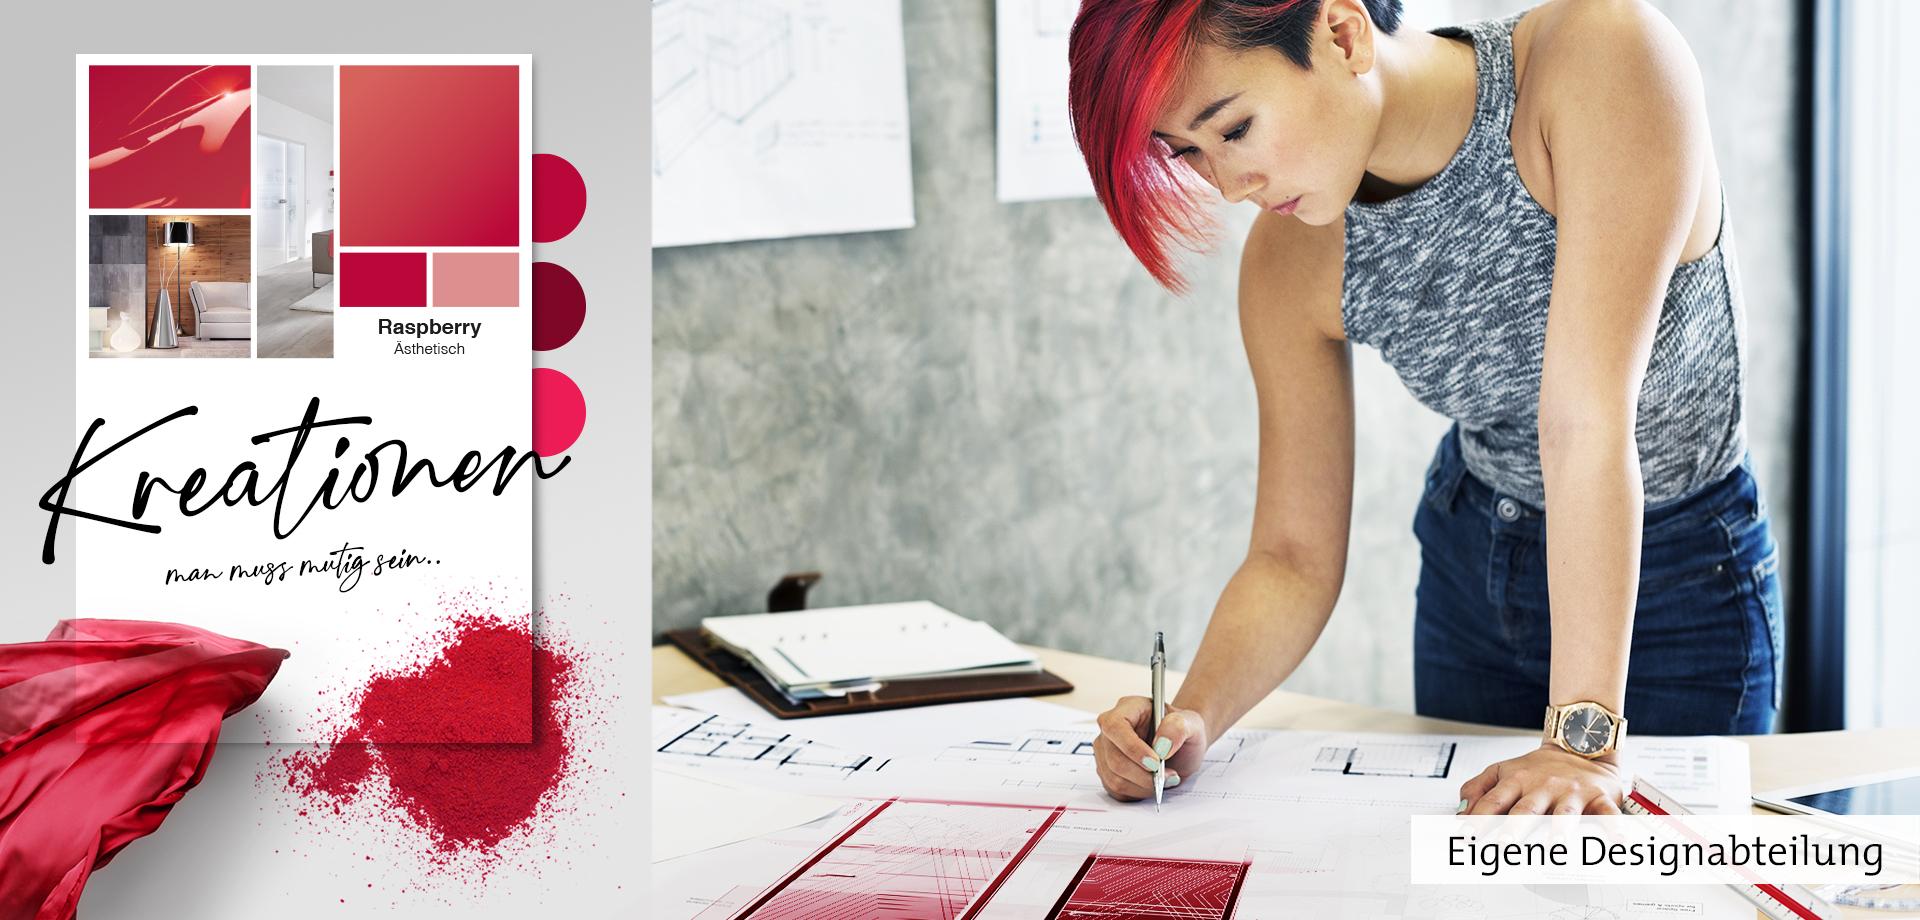 Designabteilung